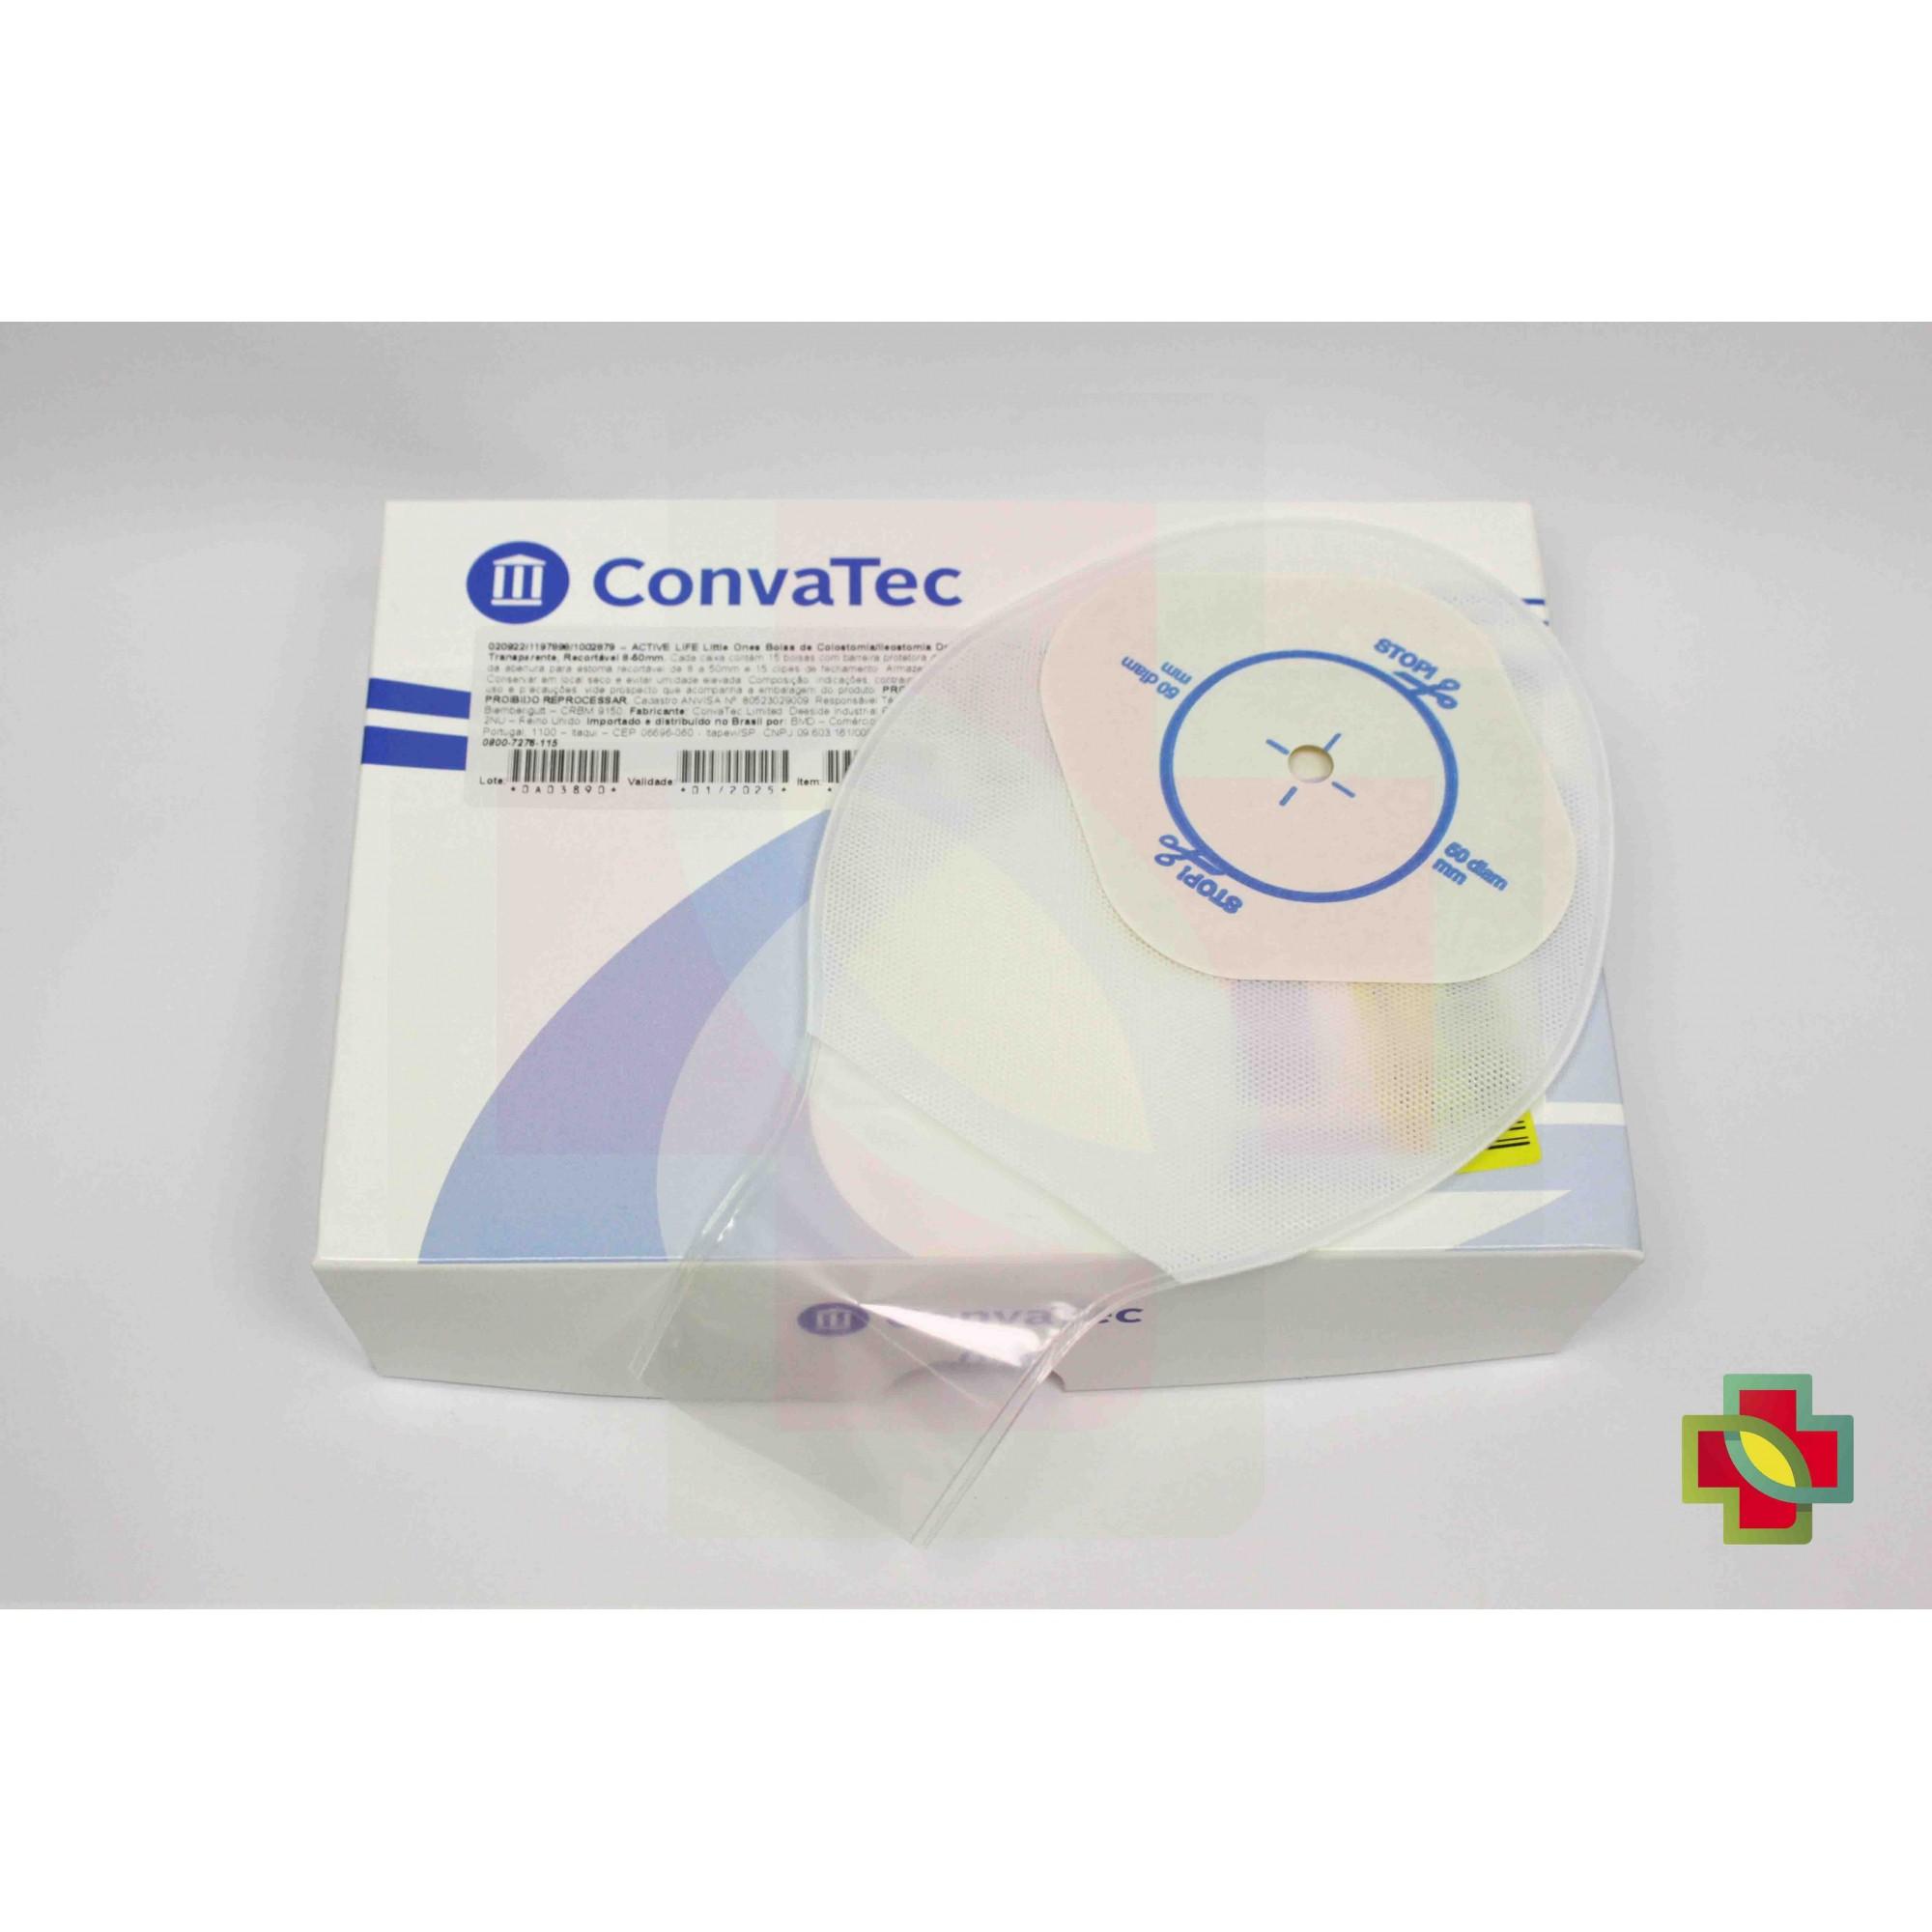 BOLSA DE COLOSTOMIA ACTIVE LIFE INFANTIL TRANSP 8-50 MM (C/15 UND.) 20922 - CONVATEC